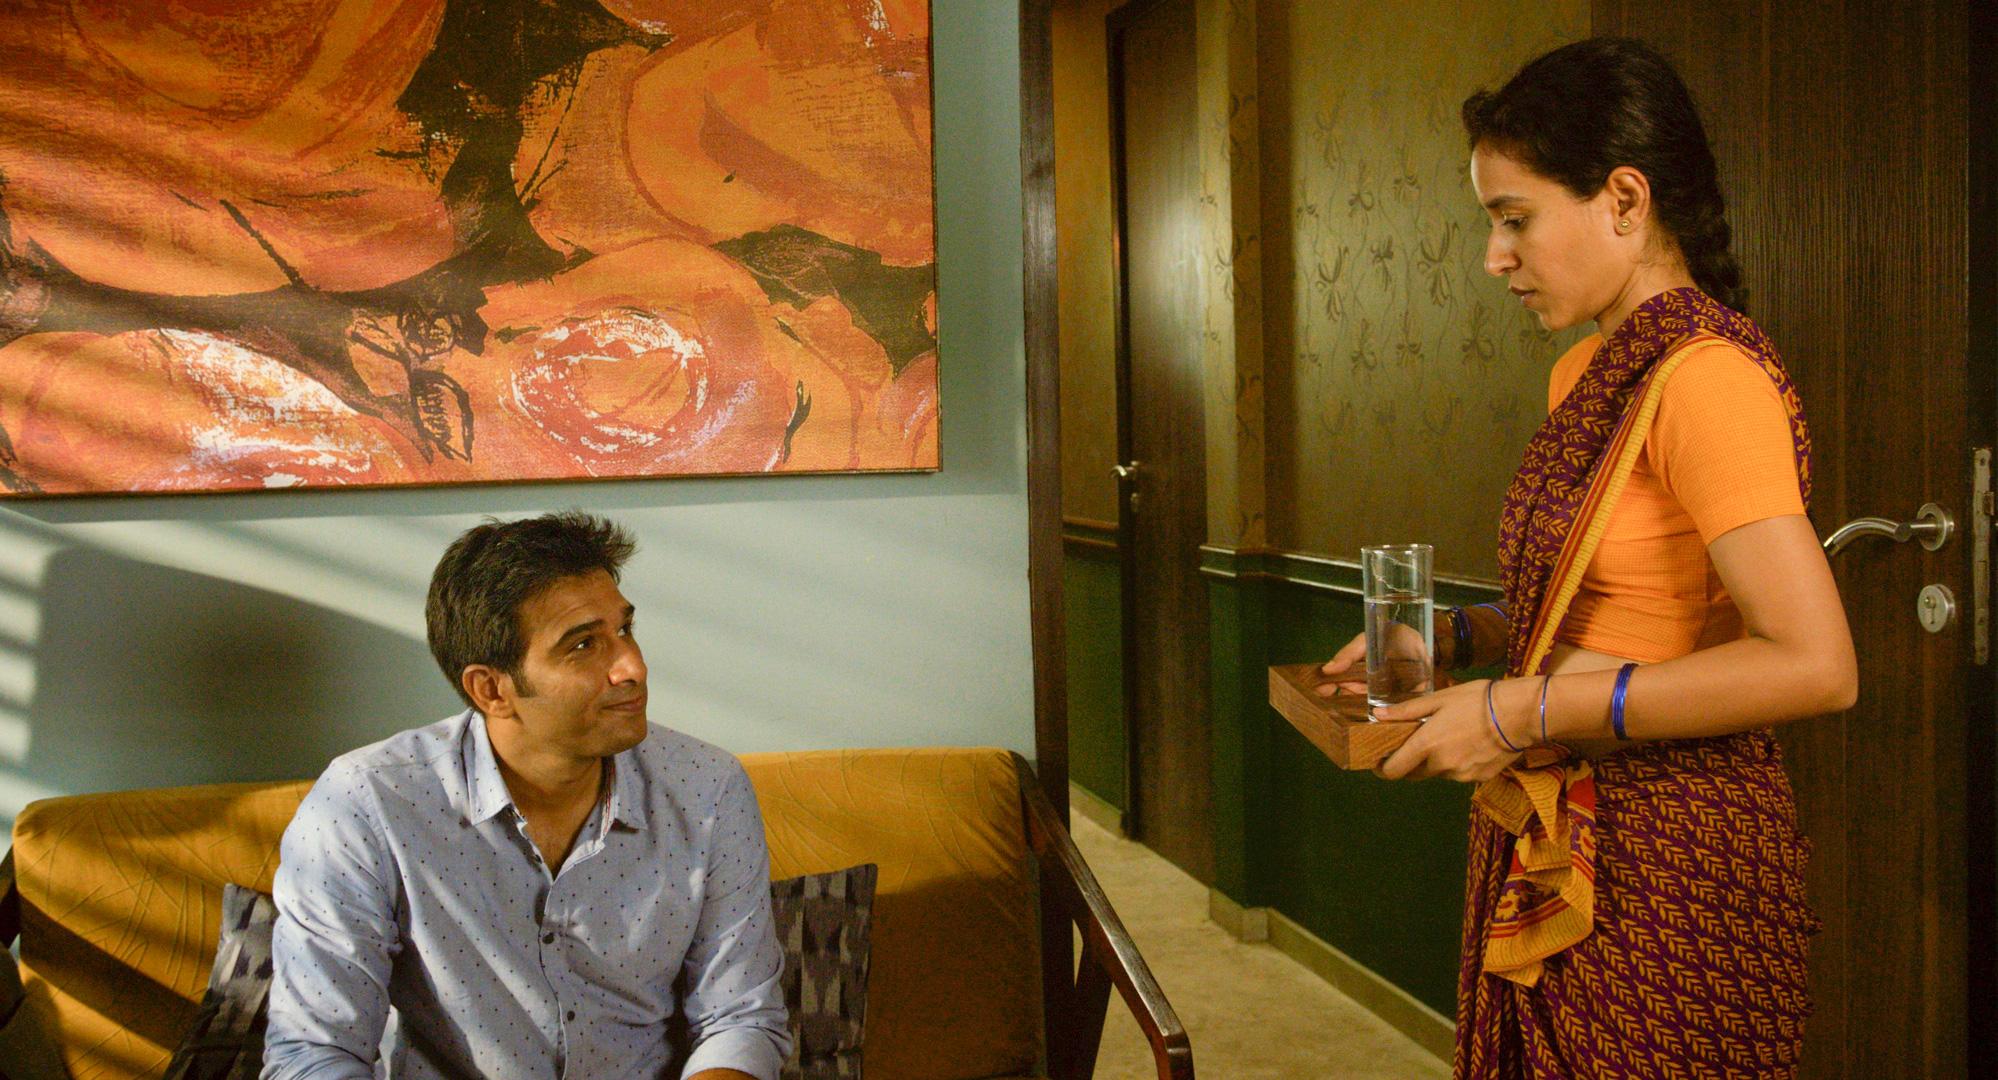 Vil det noen gang bli mulig for hushjelpen Ratna (Tillotama Shome) å kalle Ashwin (Vivek Gomber) ved fornavn heller enn å si Sir?